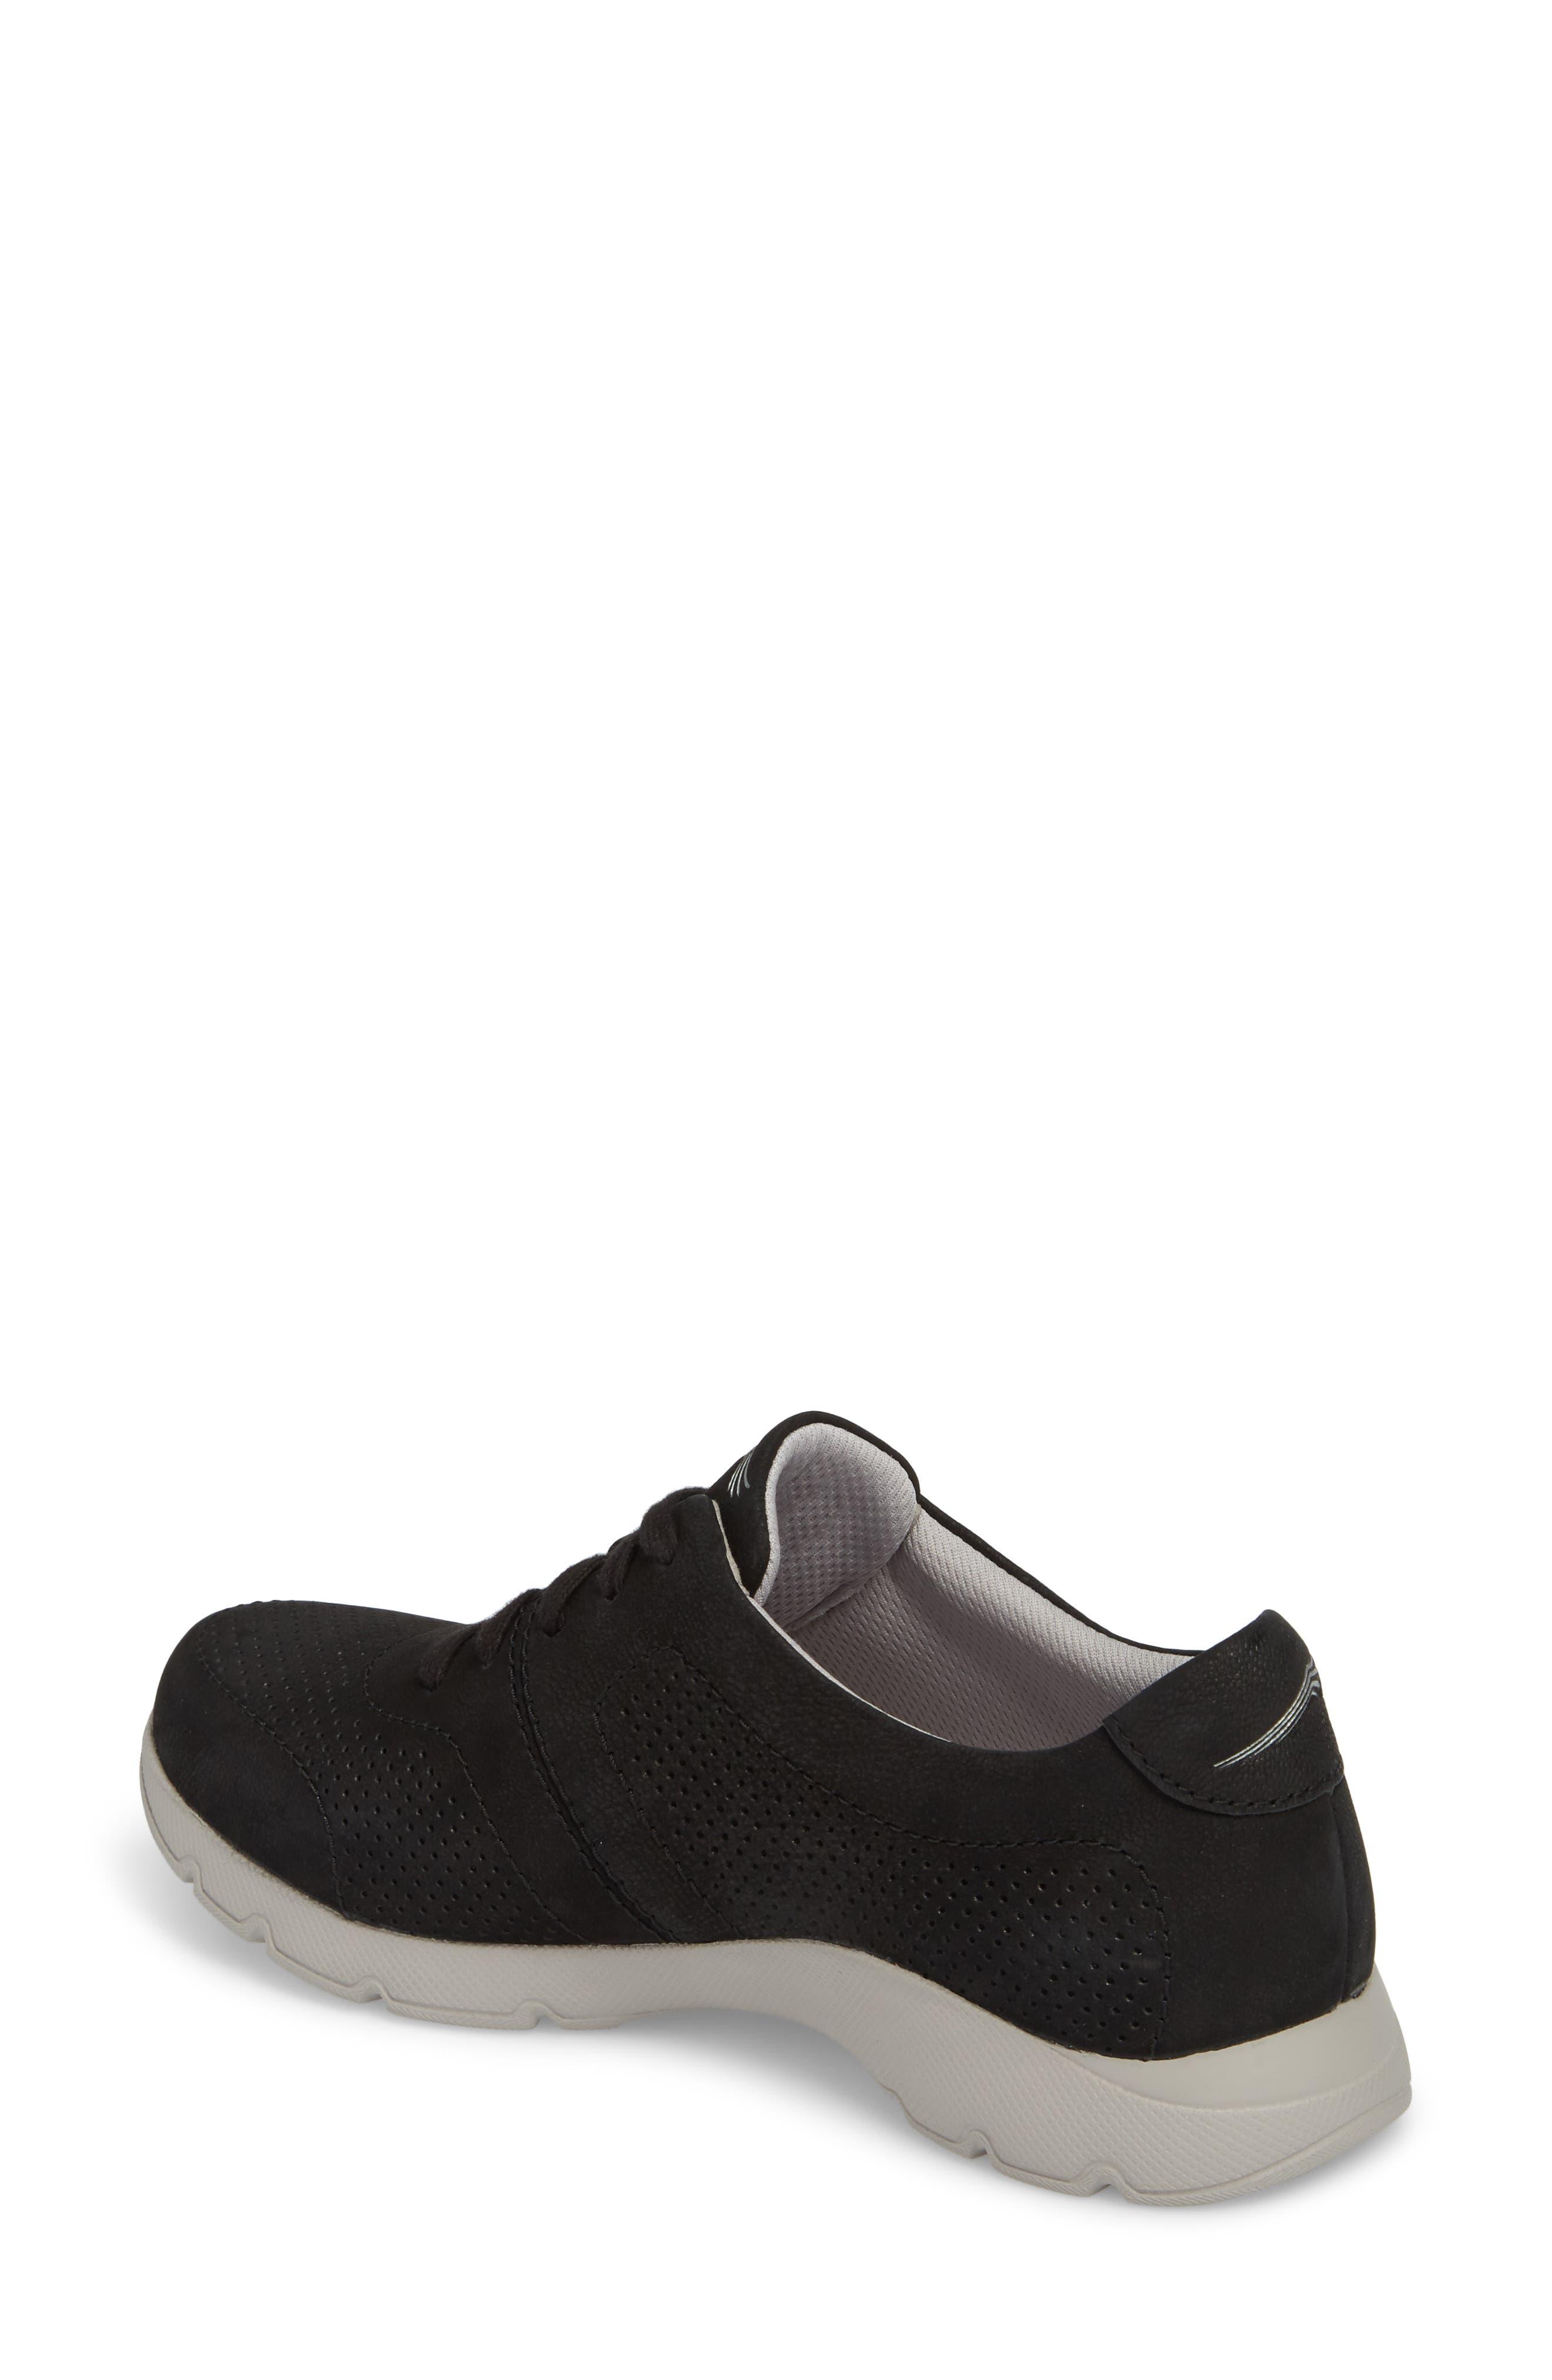 Alissa Sneaker,                             Alternate thumbnail 2, color,                             001